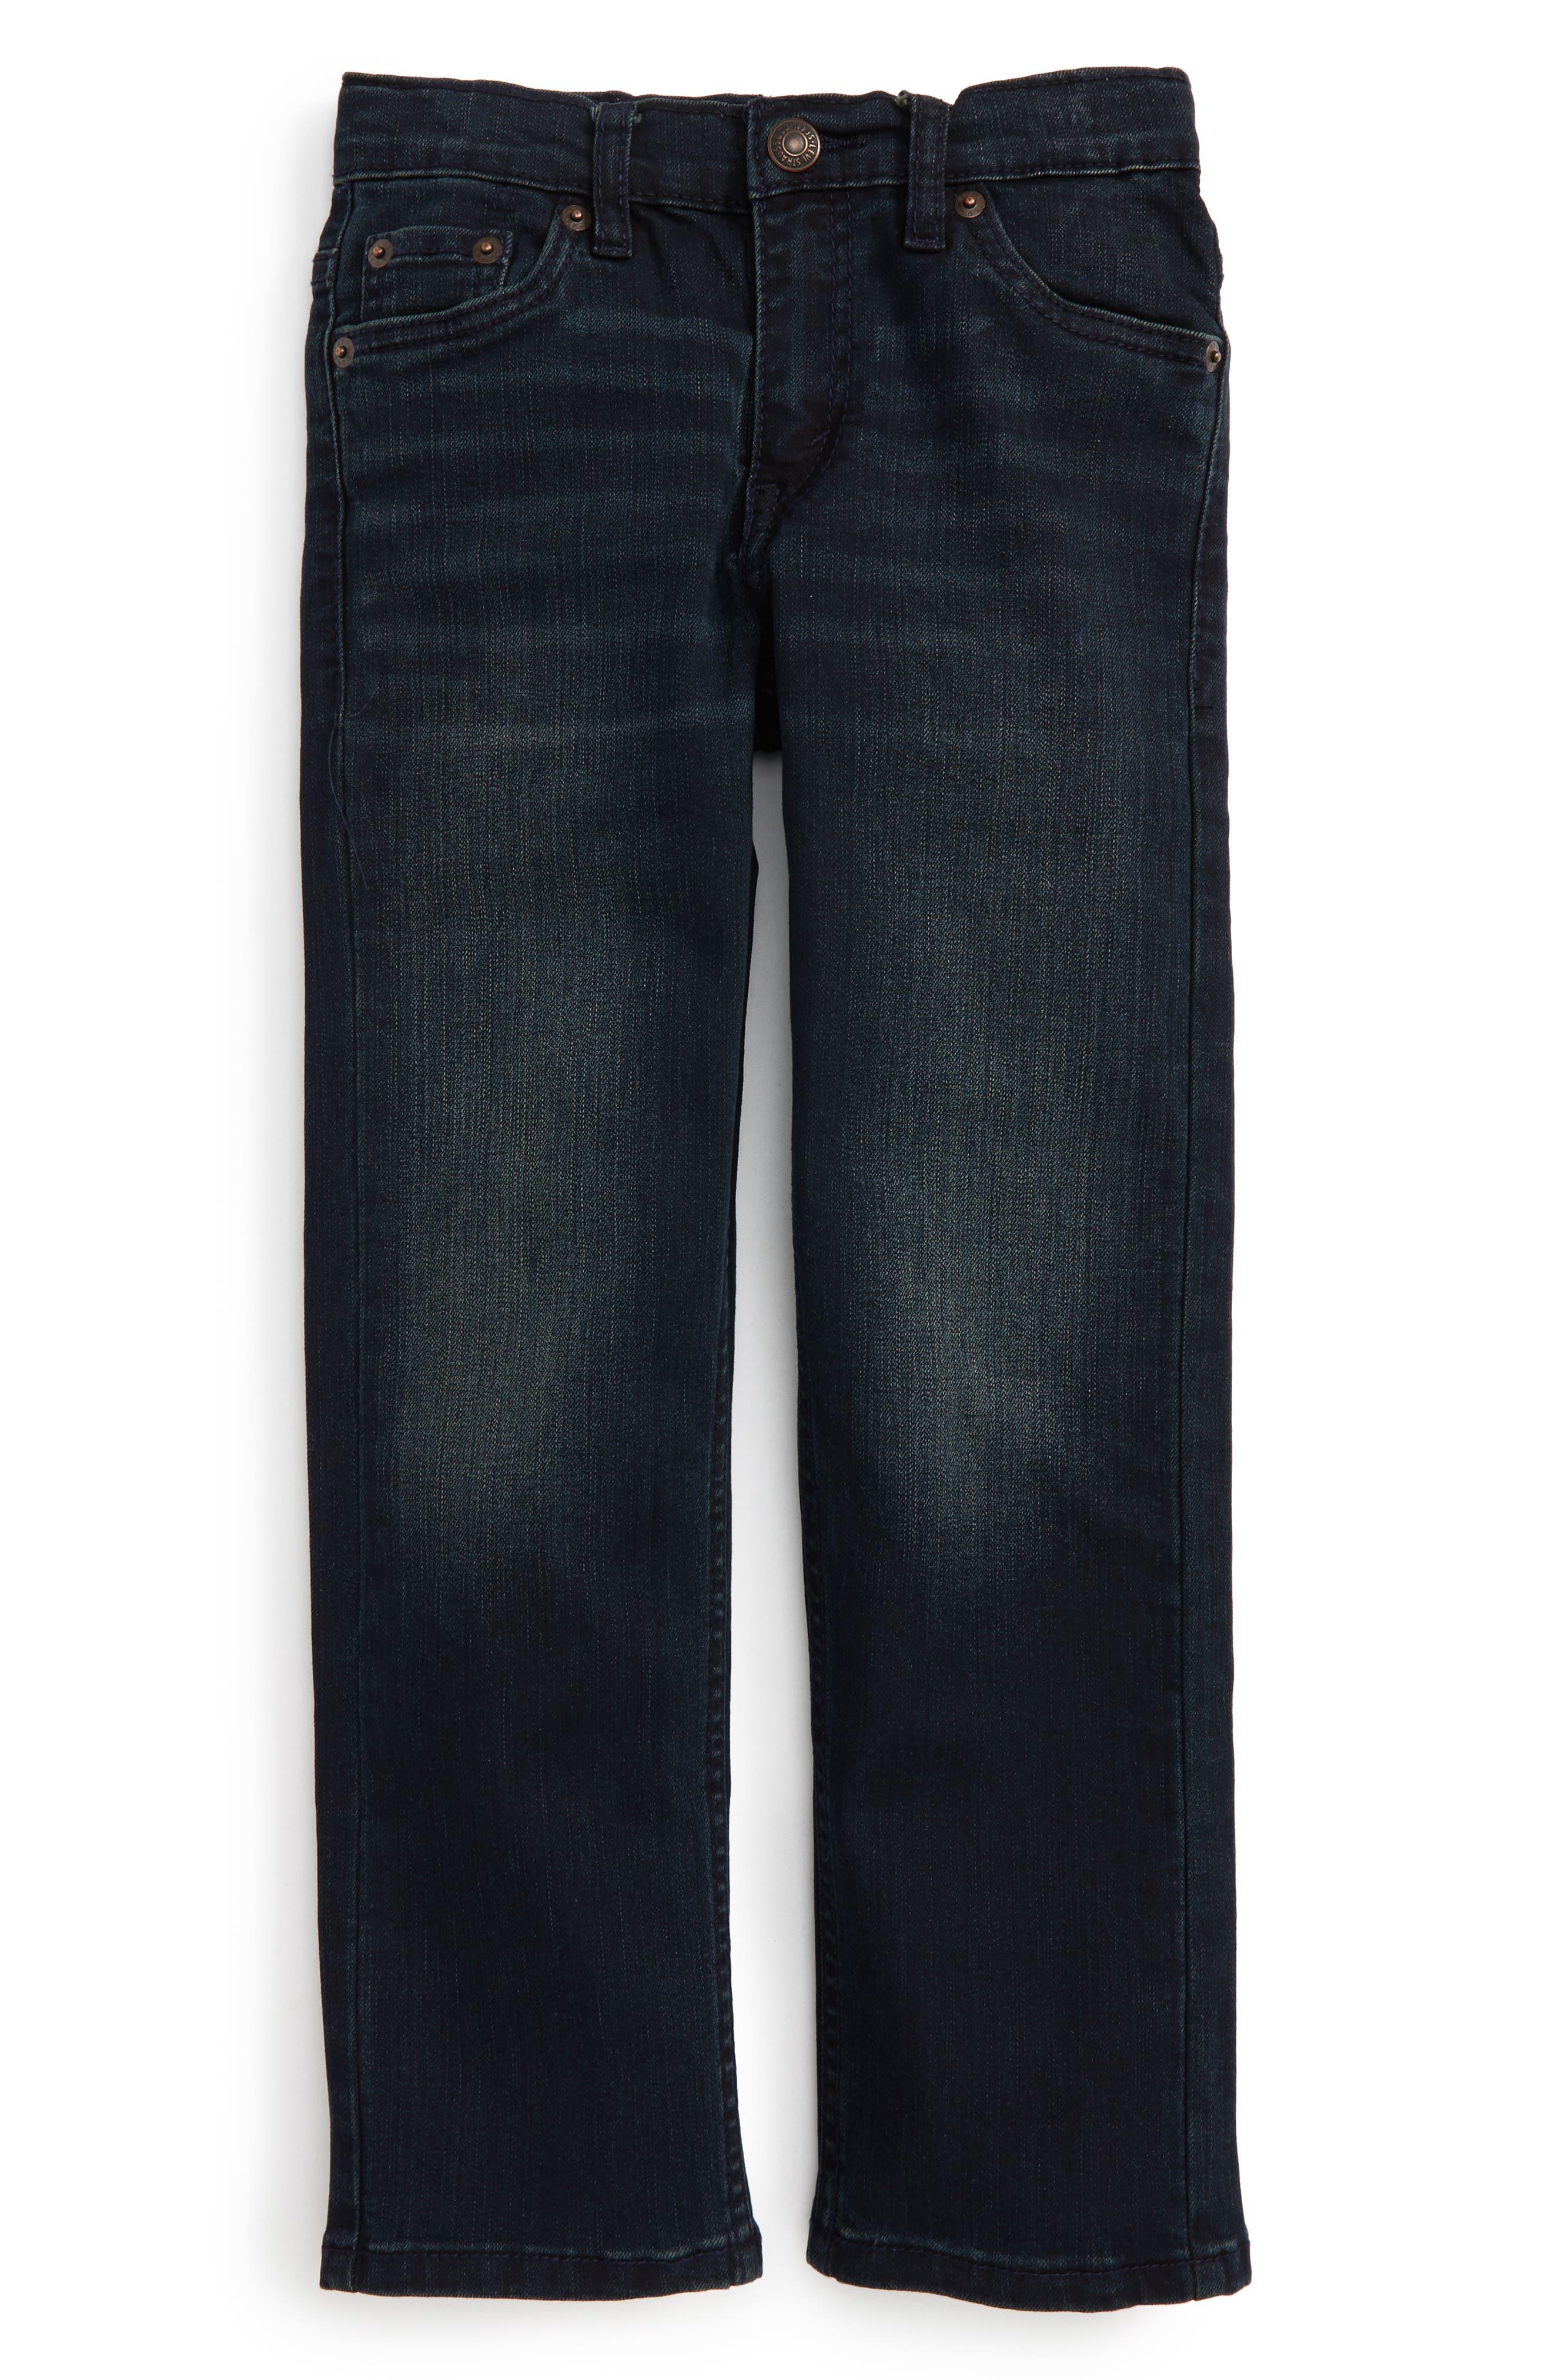 511 Slim Fit Jeans,                         Main,                         color, A Blue